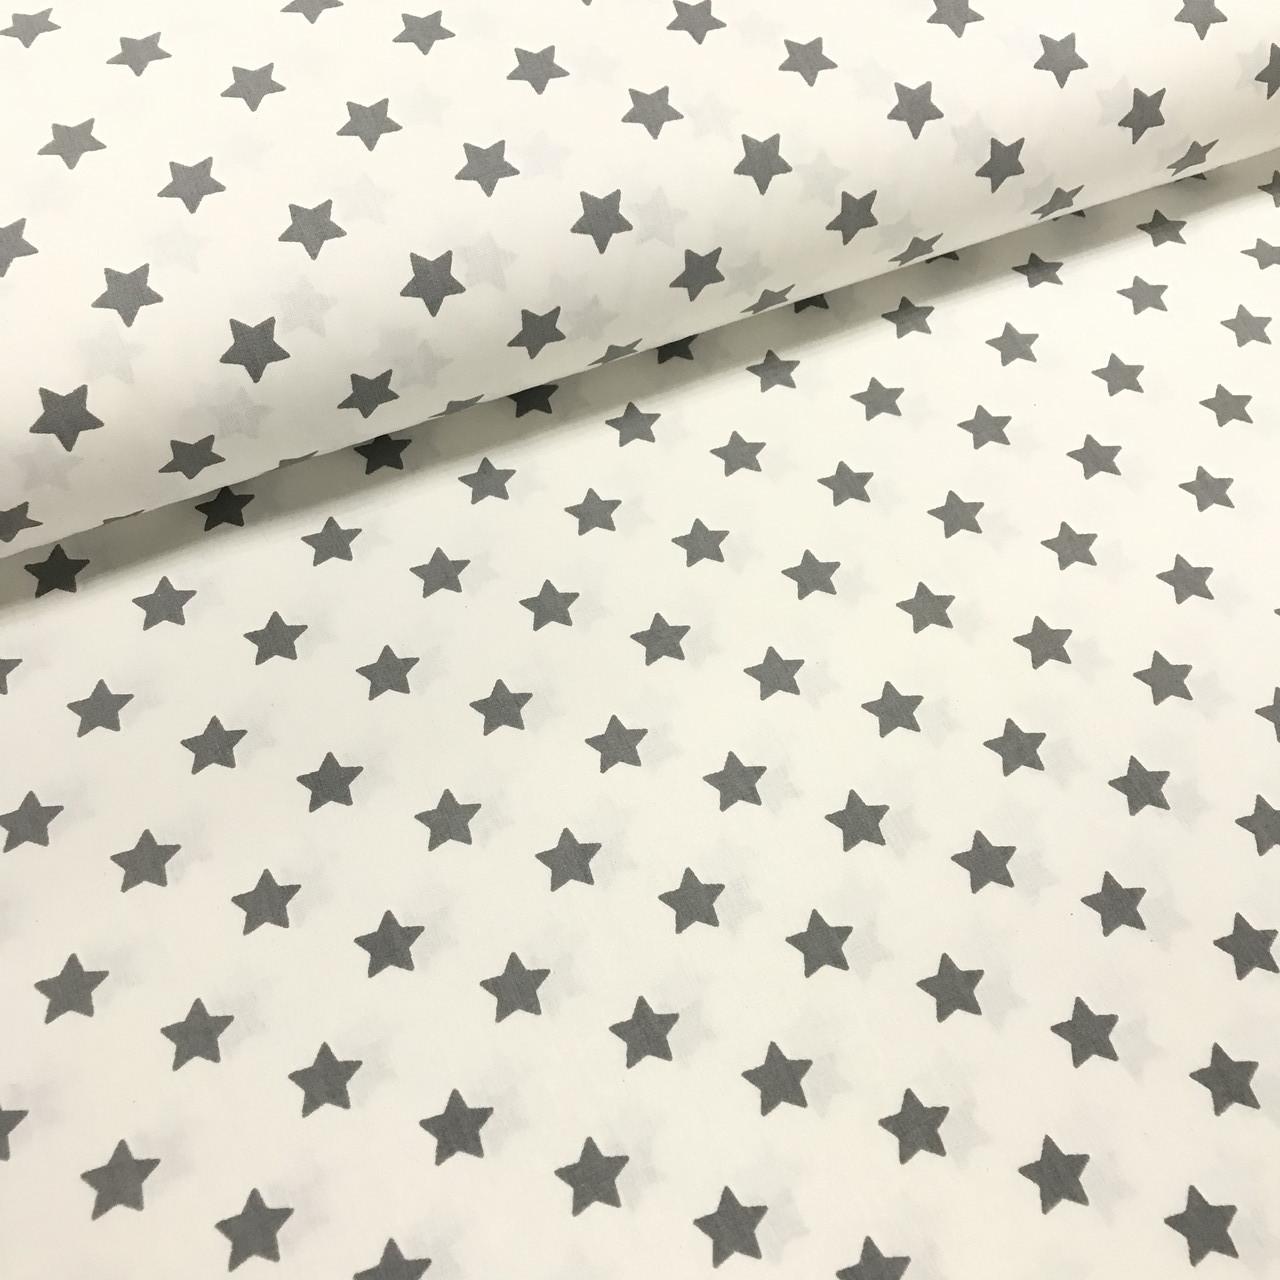 Ткань поплин звезды графитовые на белом средние (ТУРЦИЯ шир. 2,4 м)